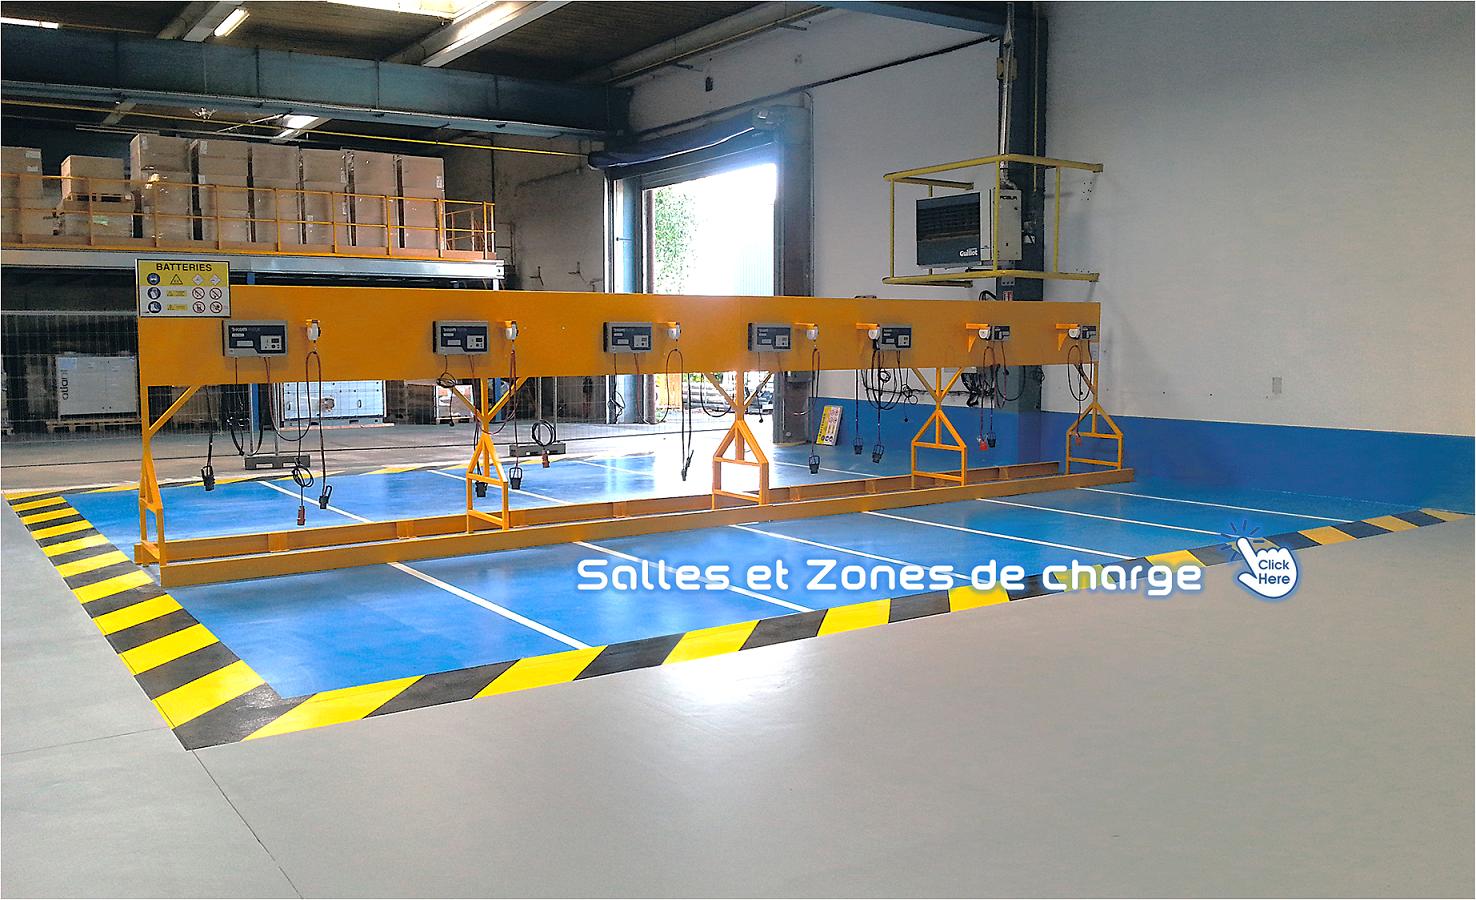 Zones-de-charge-batteries-industrielles-1